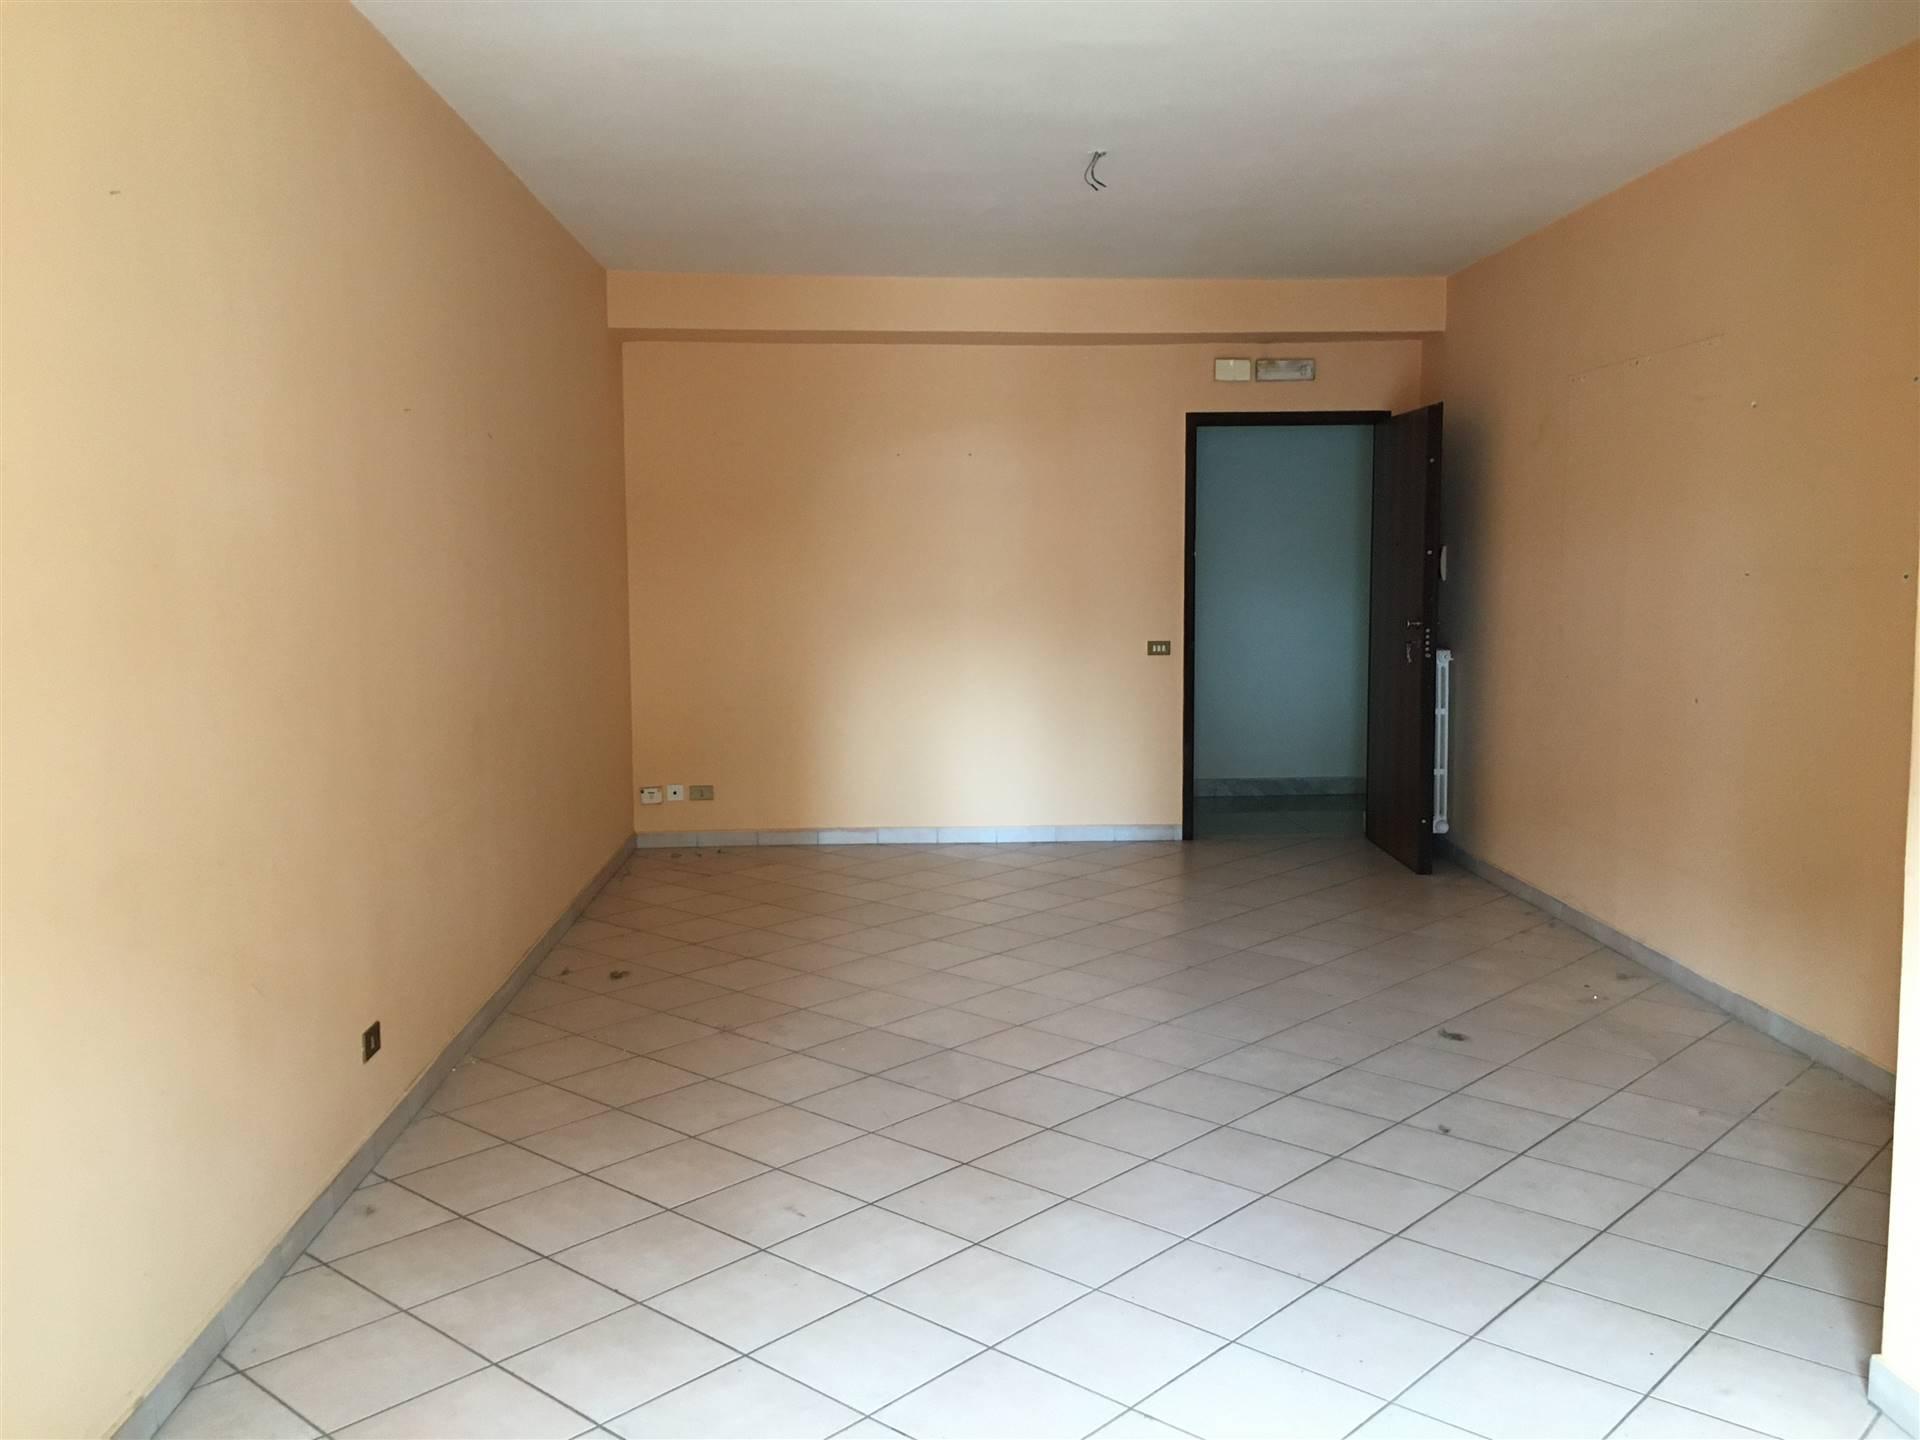 Appartamento in affitto a Atripalda, 3 locali, prezzo € 400 | CambioCasa.it